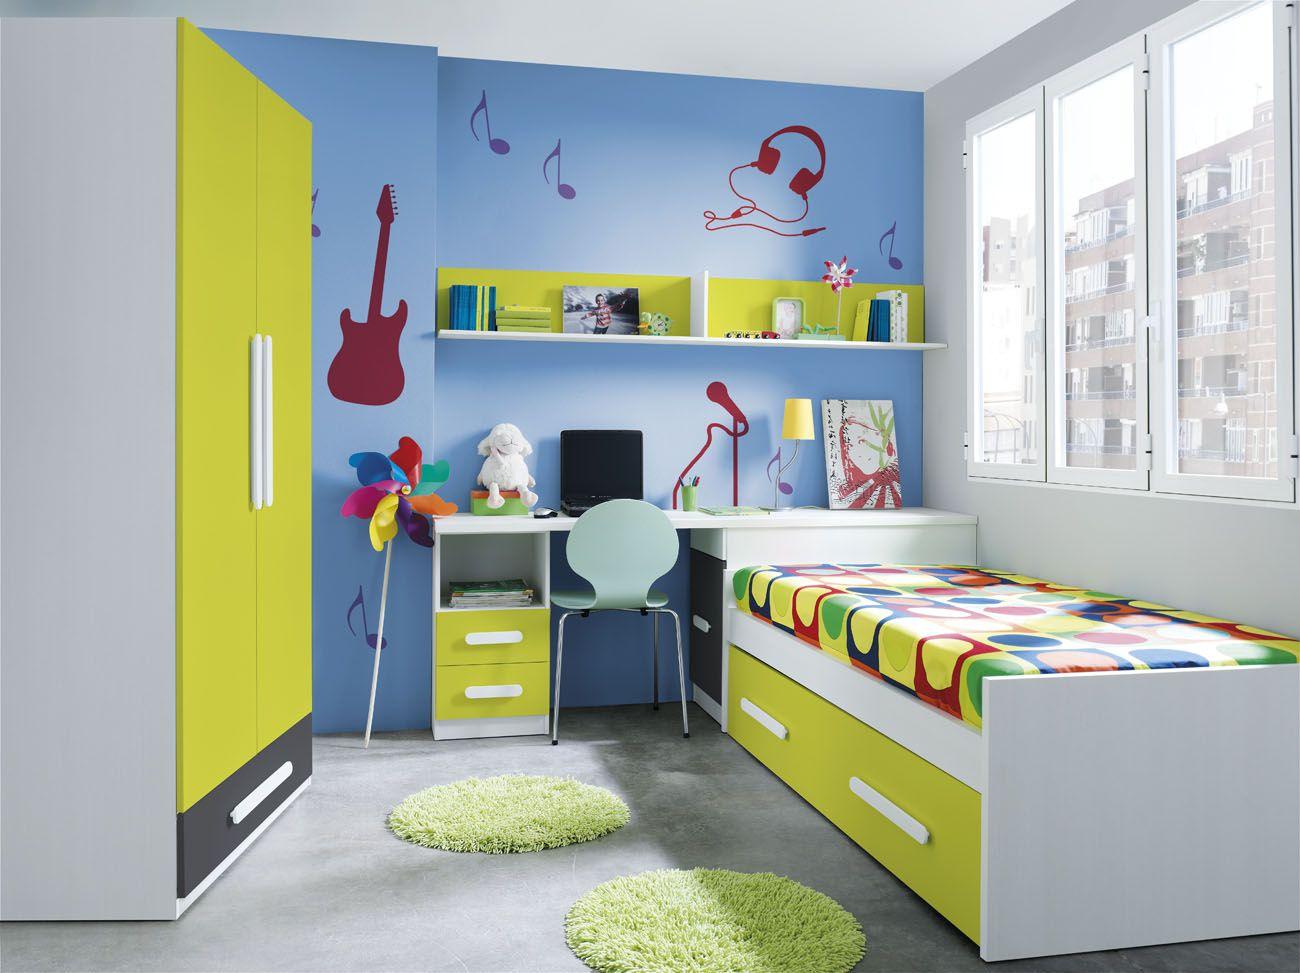 Armario Garaje Ikea ~  u00a1OFERTA! Habitación juvenil compuesta por armario de 2 puertas de 100cm , cama nido, zona de